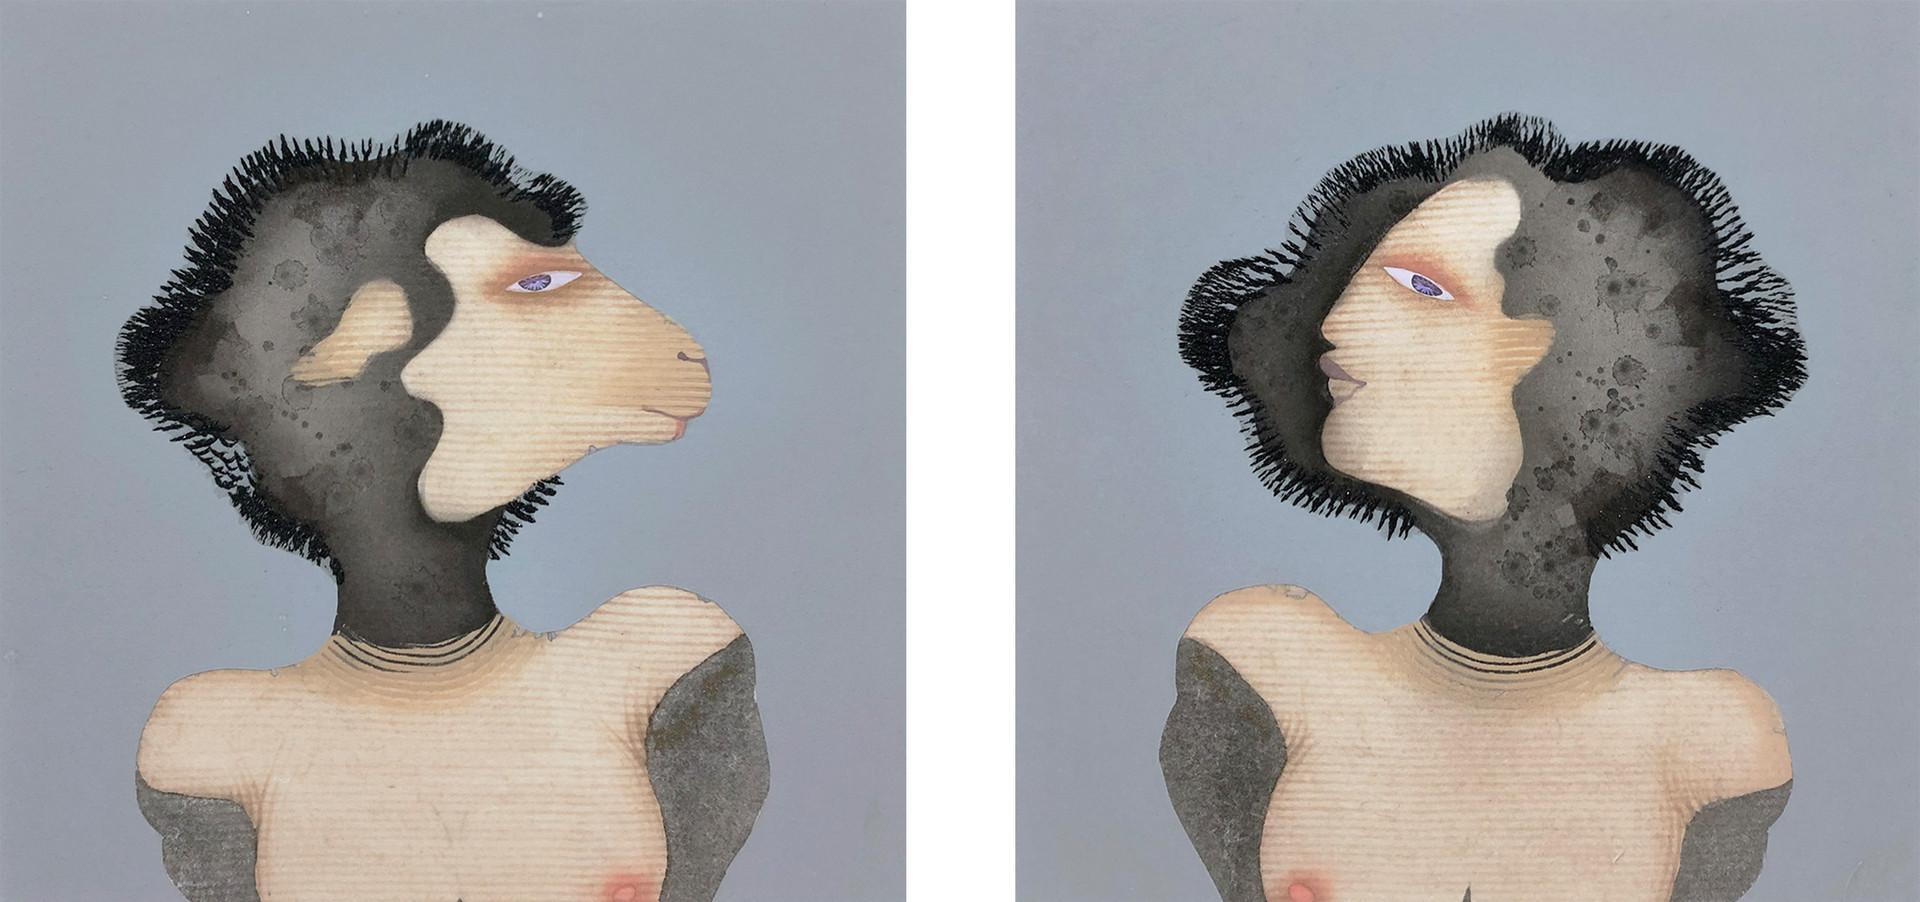 「クルミわりのケイト」「羊頭のアン」